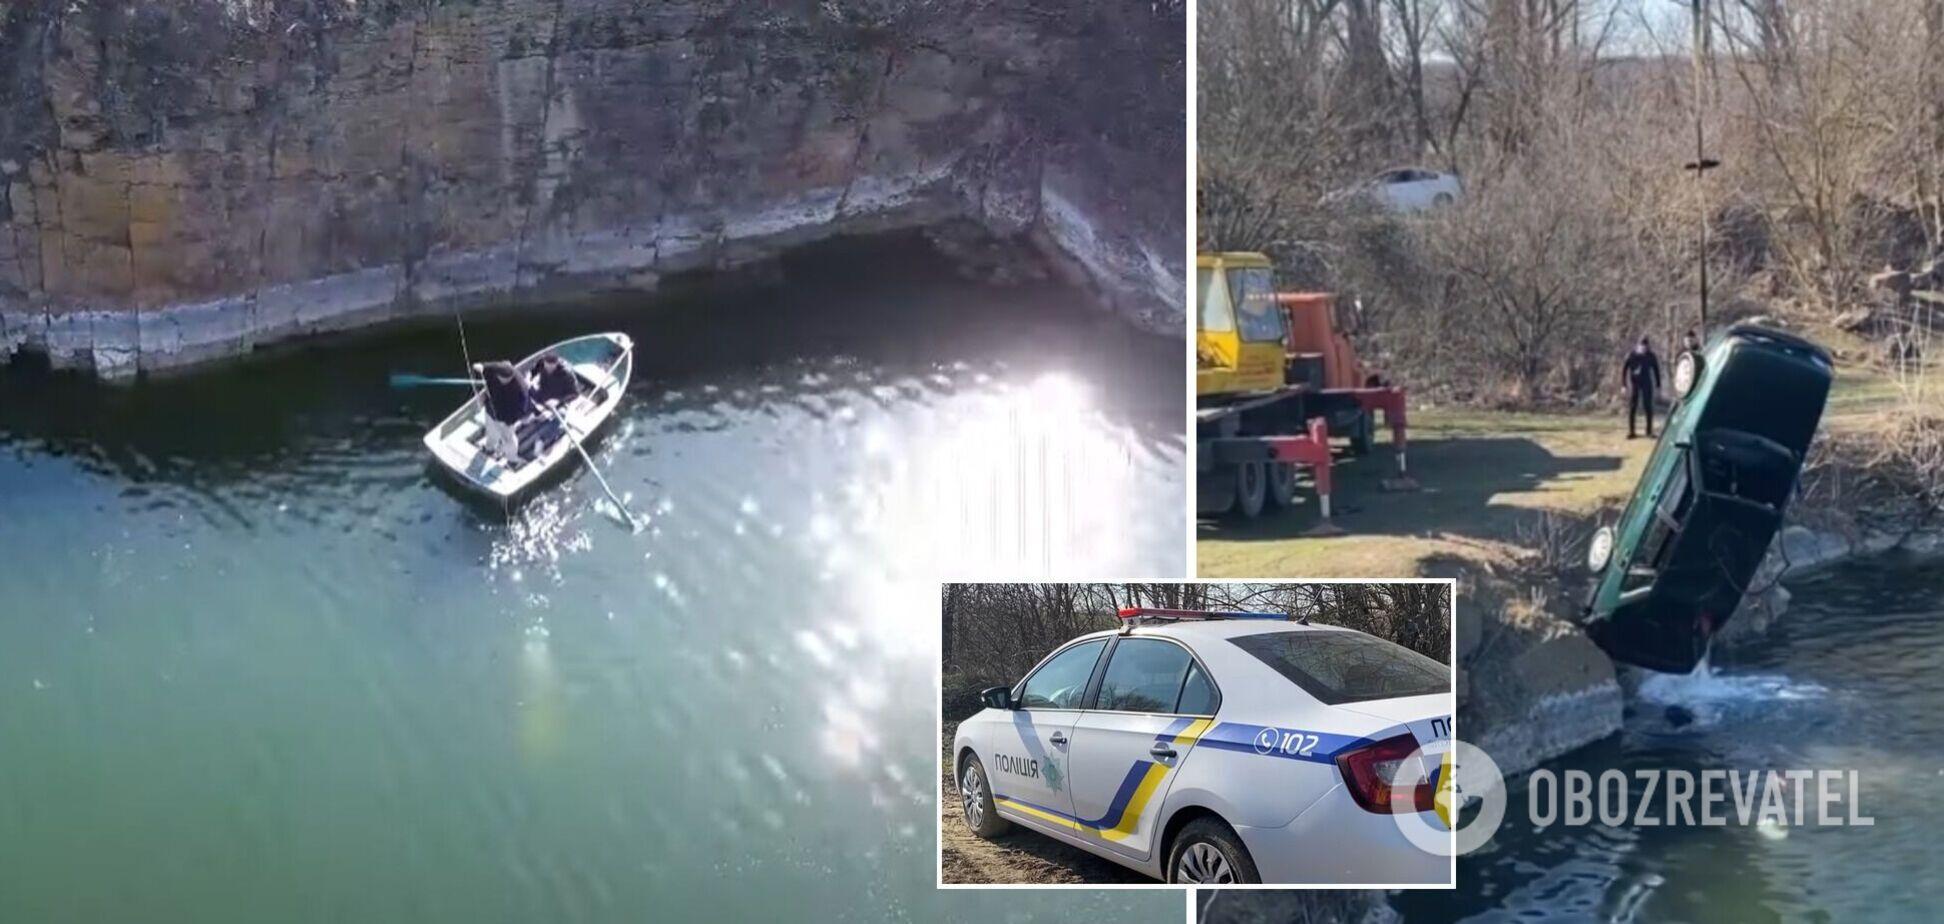 На Черкасщине в затопленной машине нашли тела отца и сына